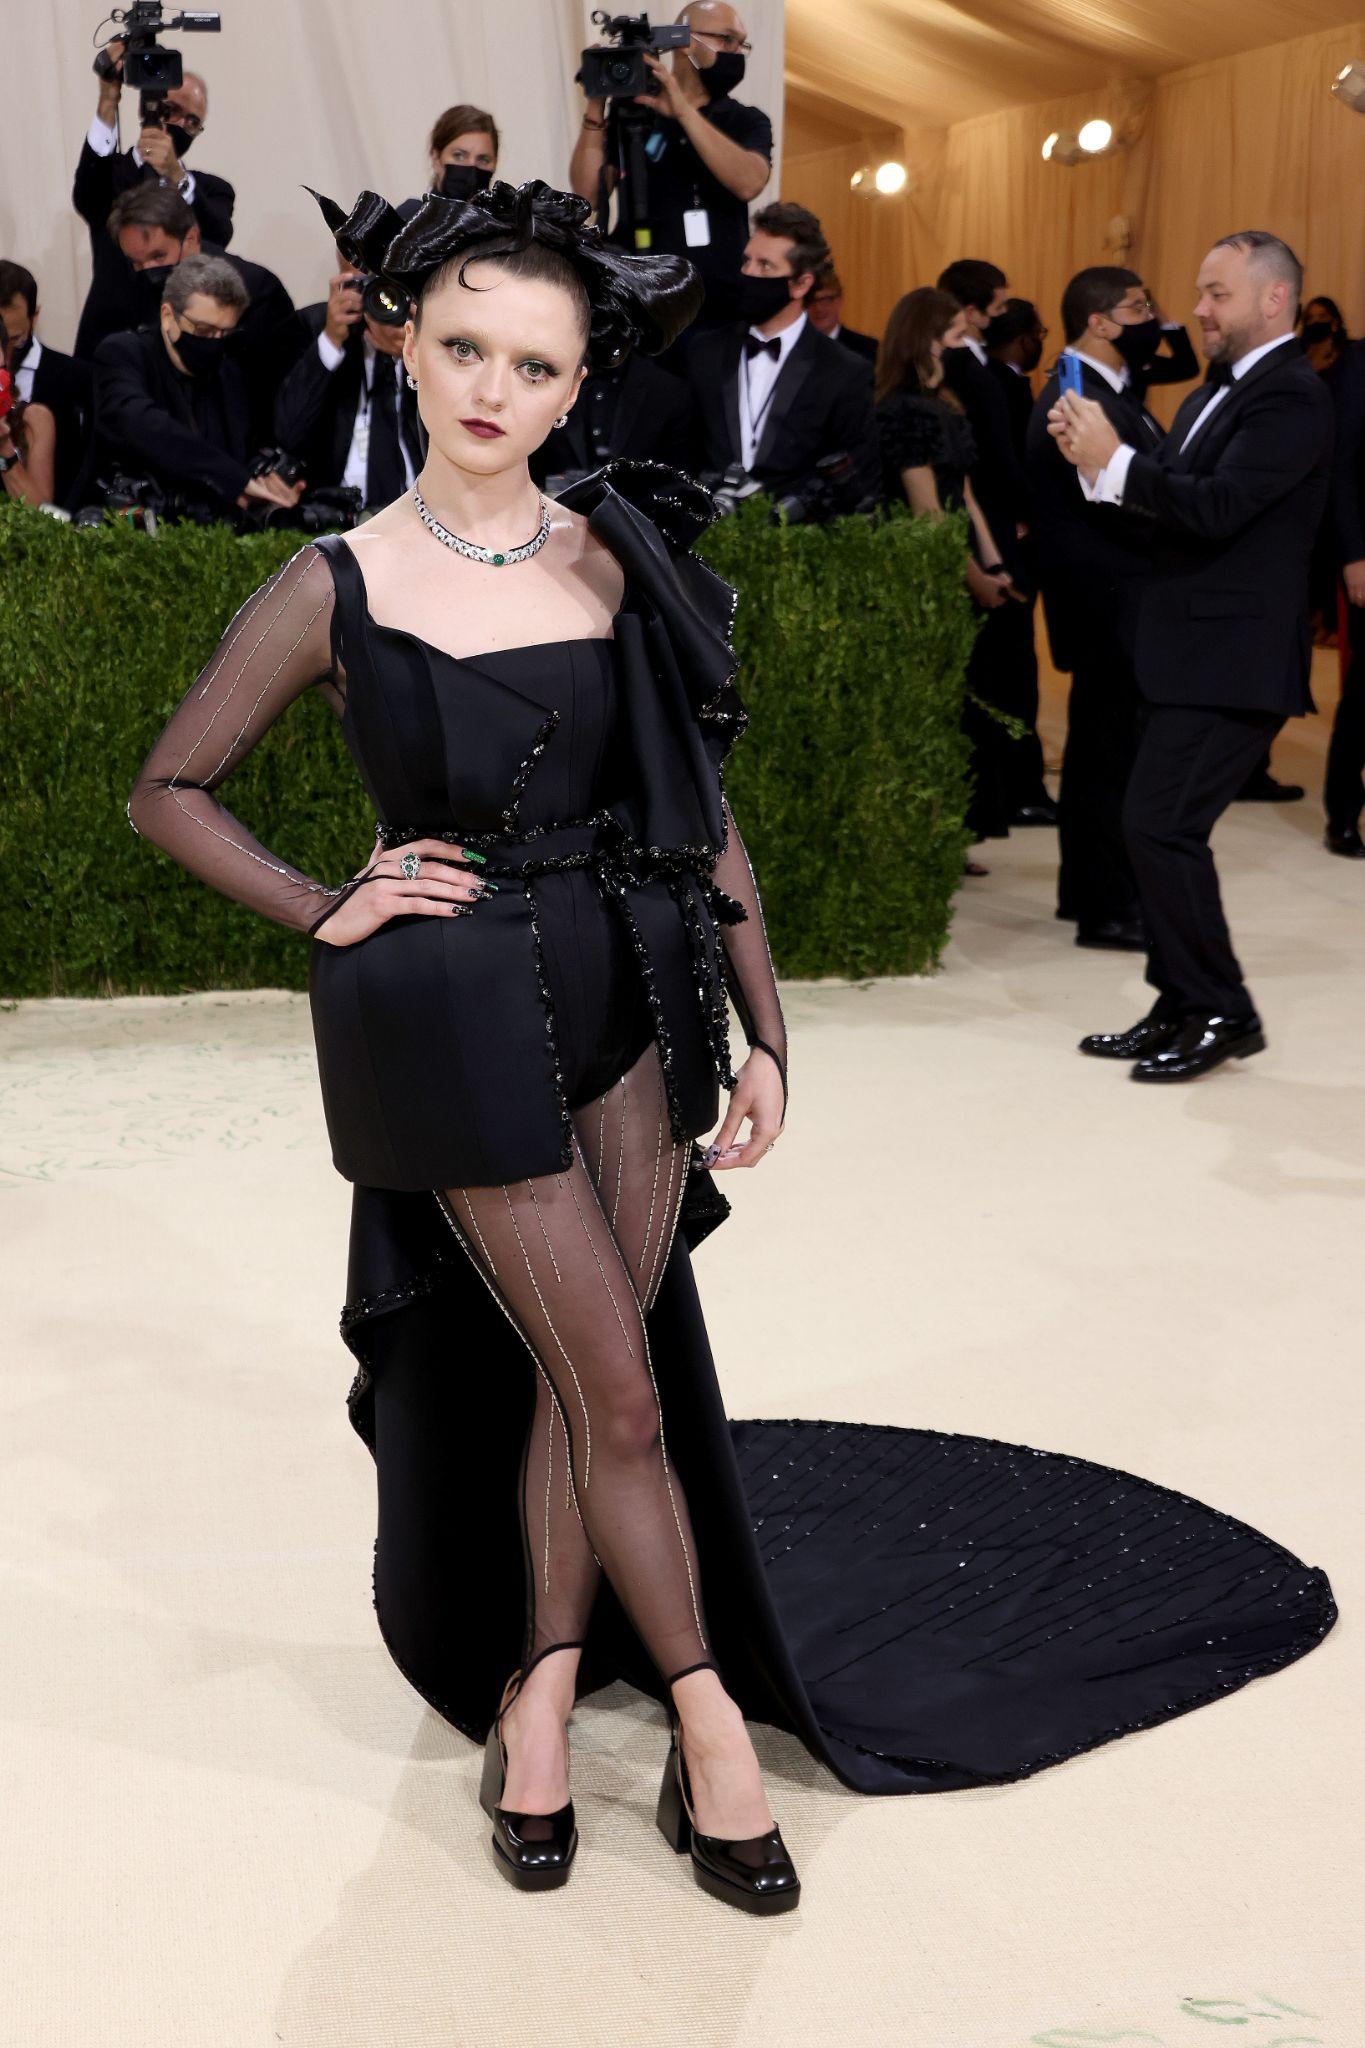 Mulher branca de cabelos pretos com acessório, usa vestido preto estruturado e curto que leva cauda que vai do ombro ao chão. Usa sapatos e meia calça preta. Foto: Getty Images. Post Looks icônicos do VMA e Met Gala 2021.